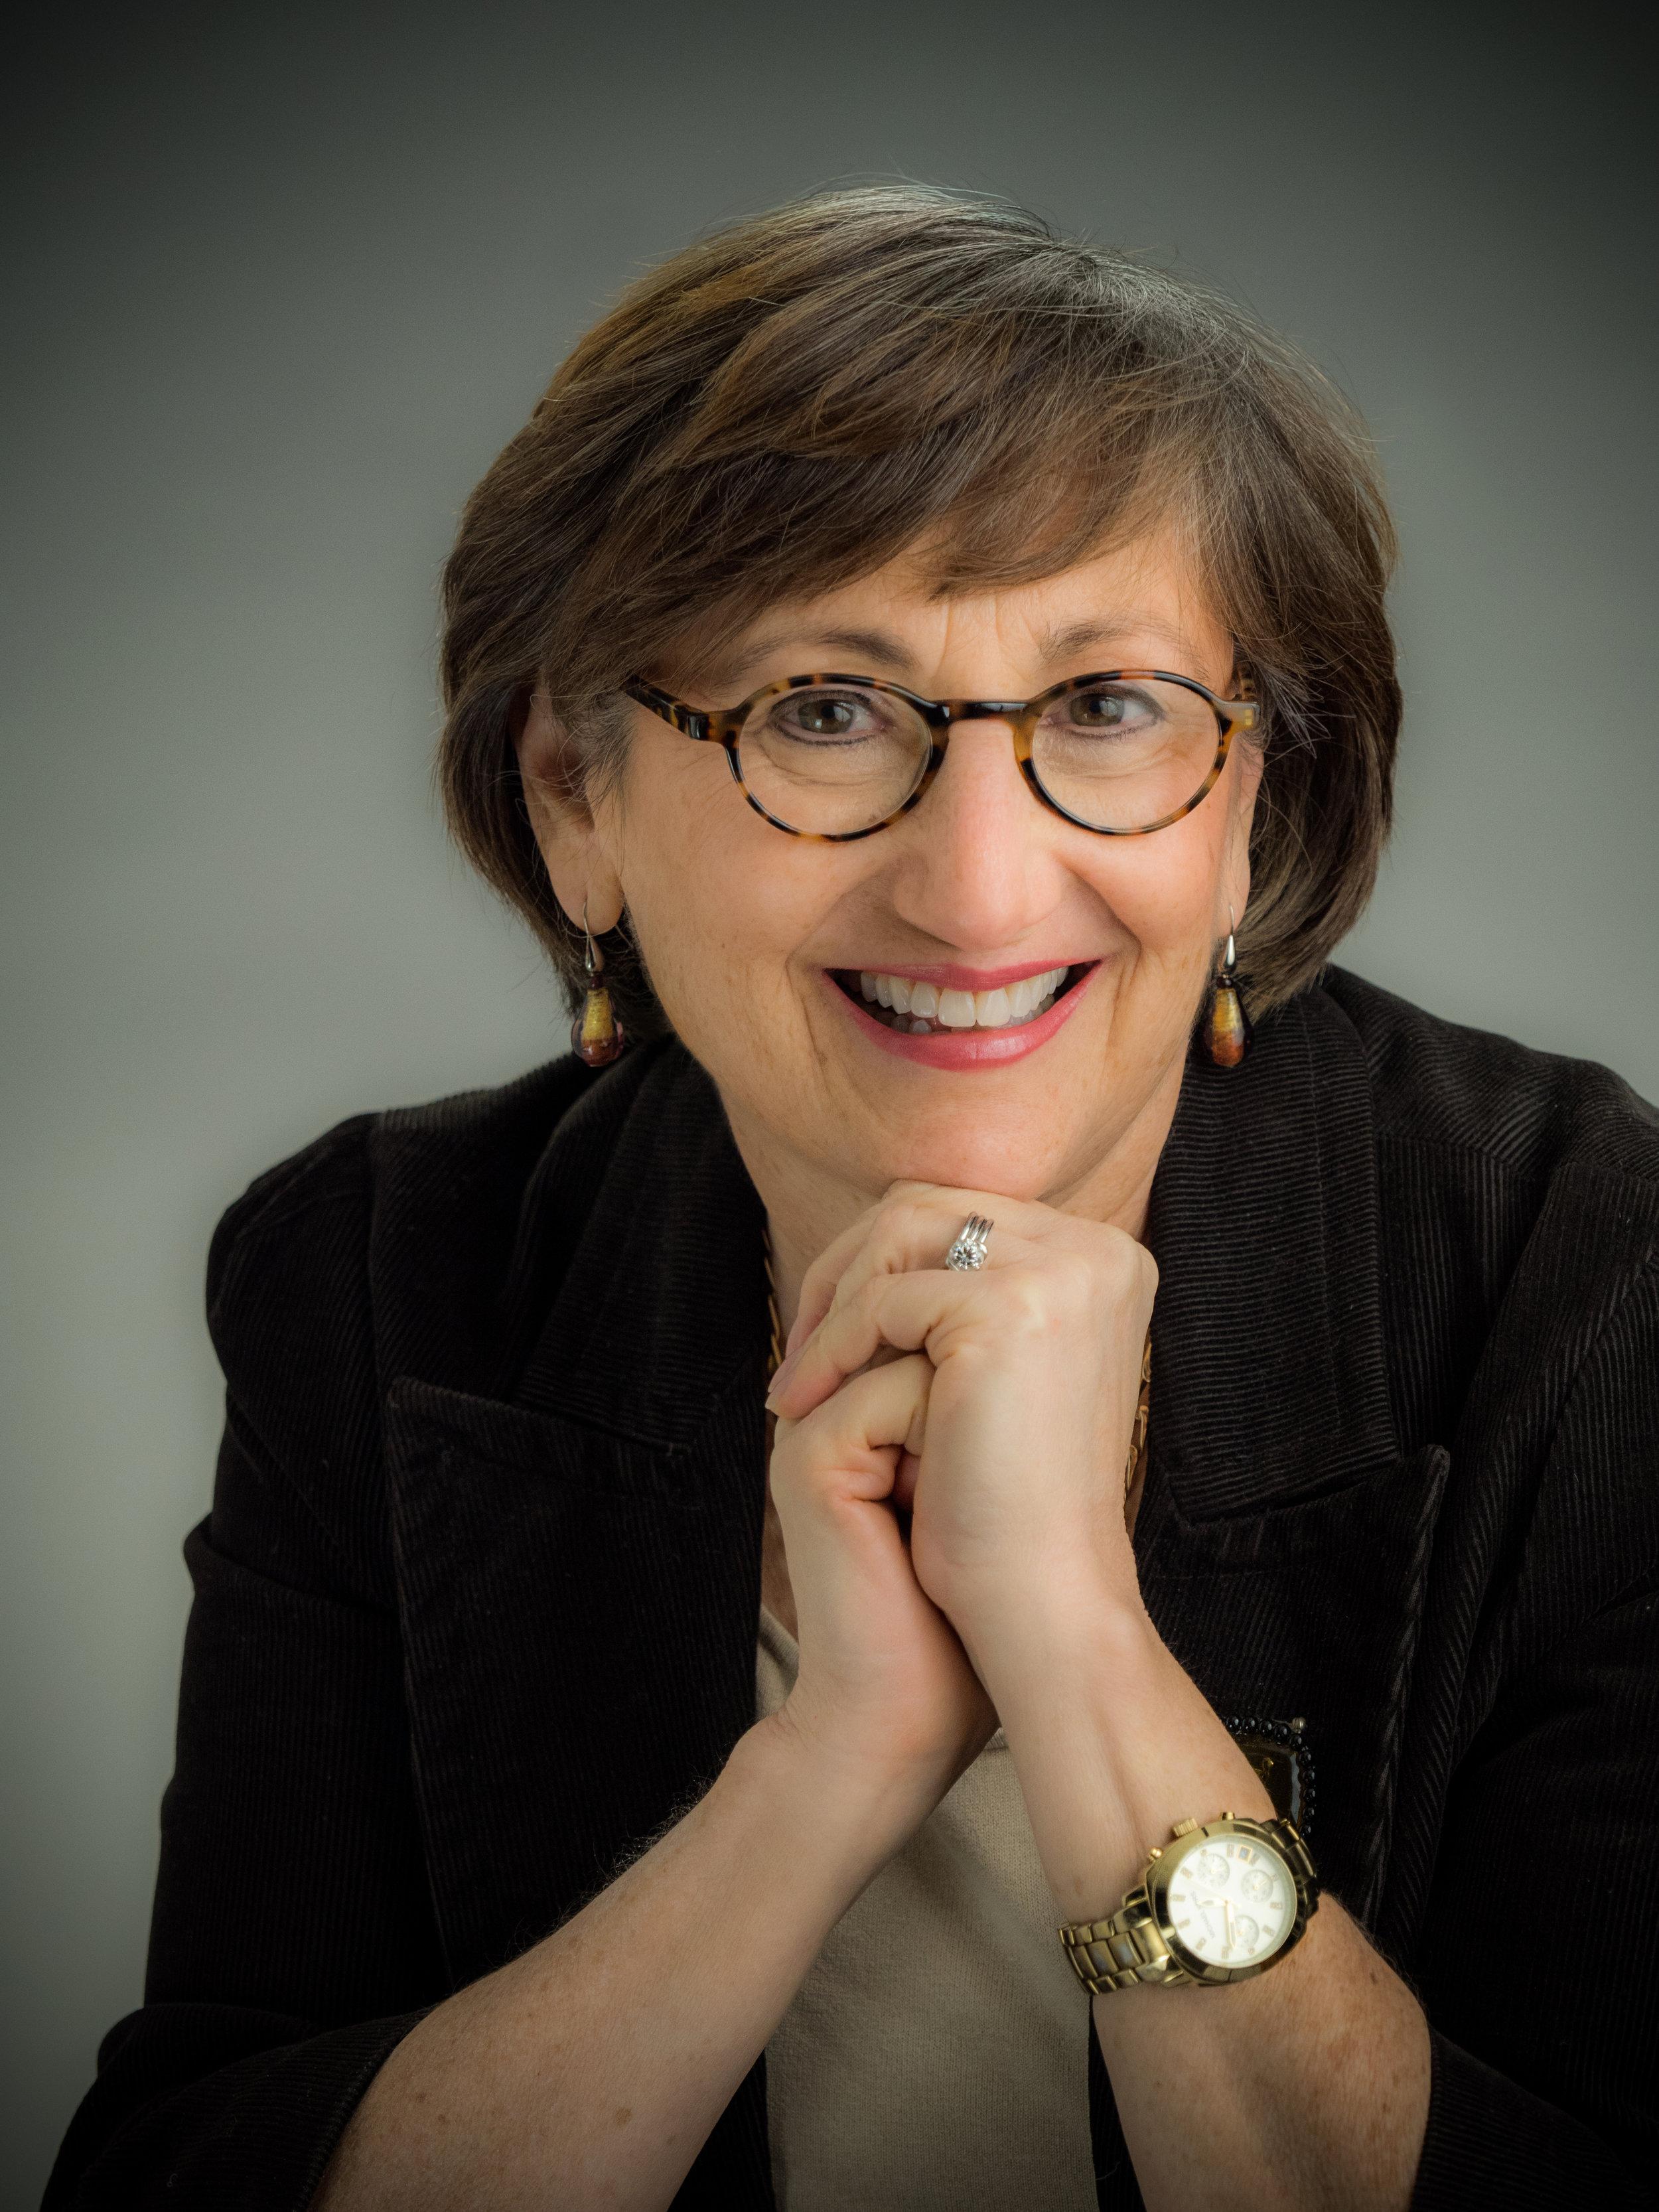 Tracy Bloom Schwartz